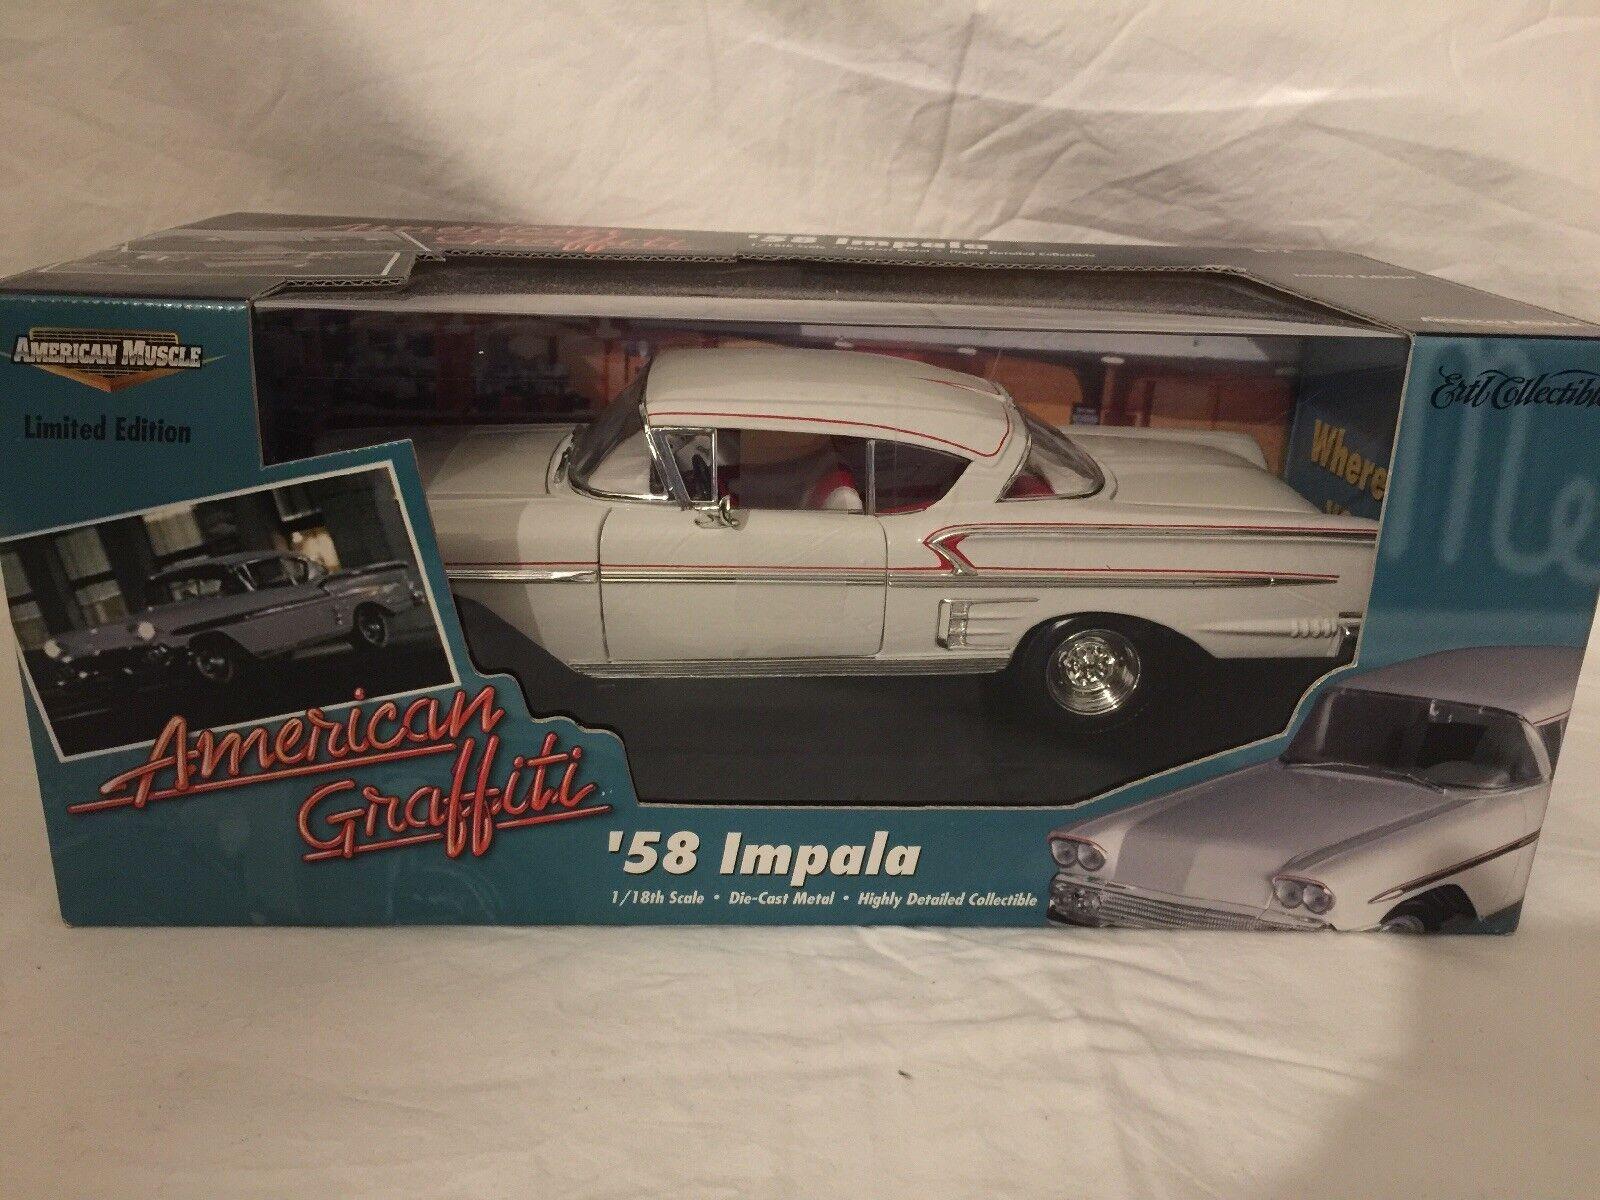 American Muscle 1958 Chevy Impala American Graffiti 1:18 Escala Modelo 58 coche